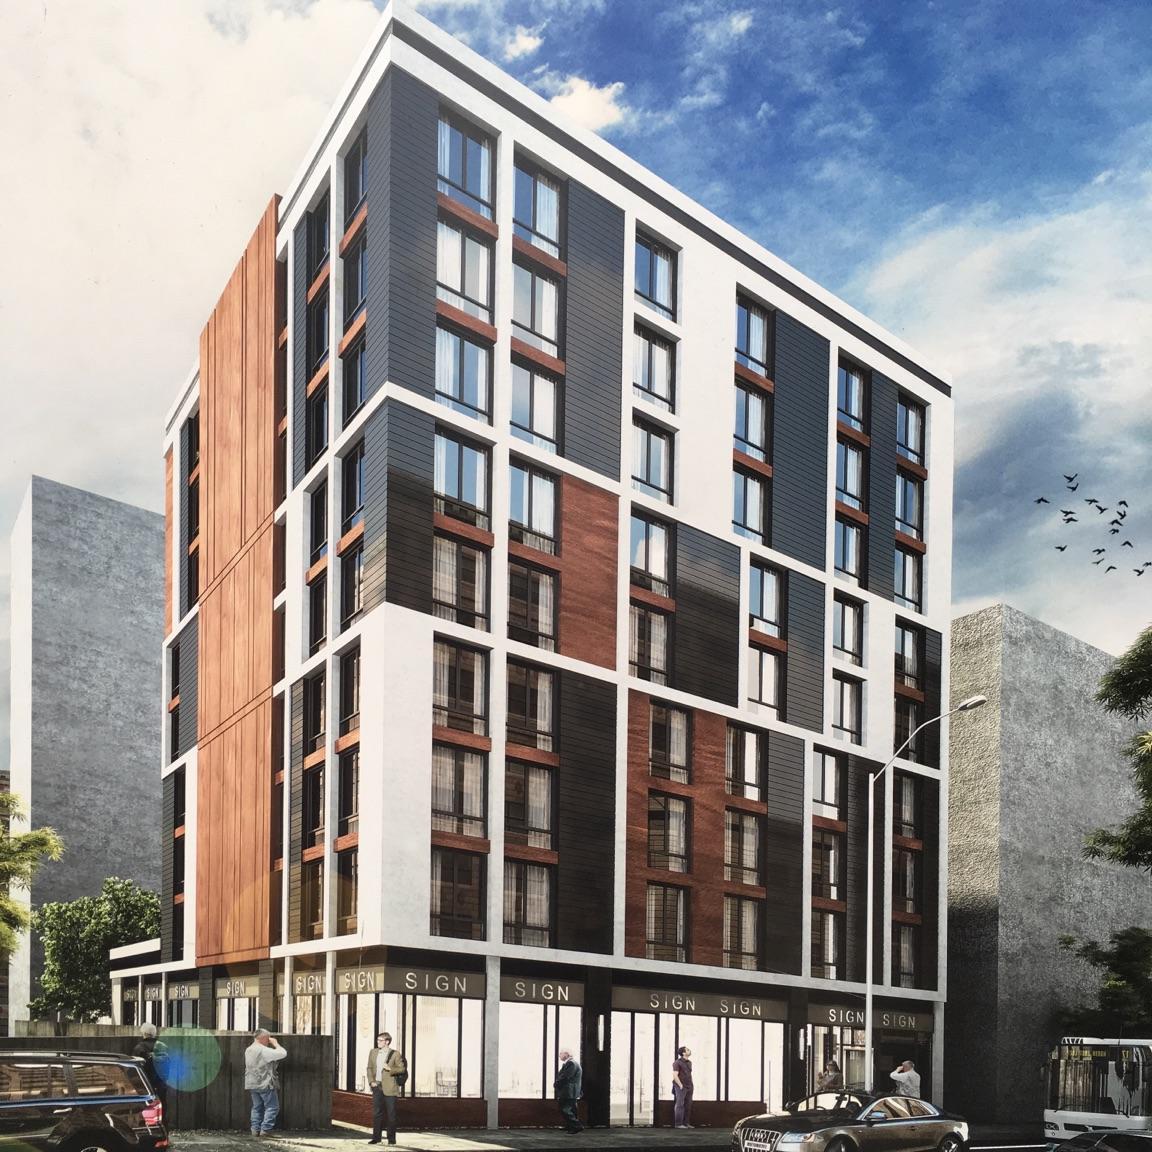 431 West 33rd Street, rendering by SLCE